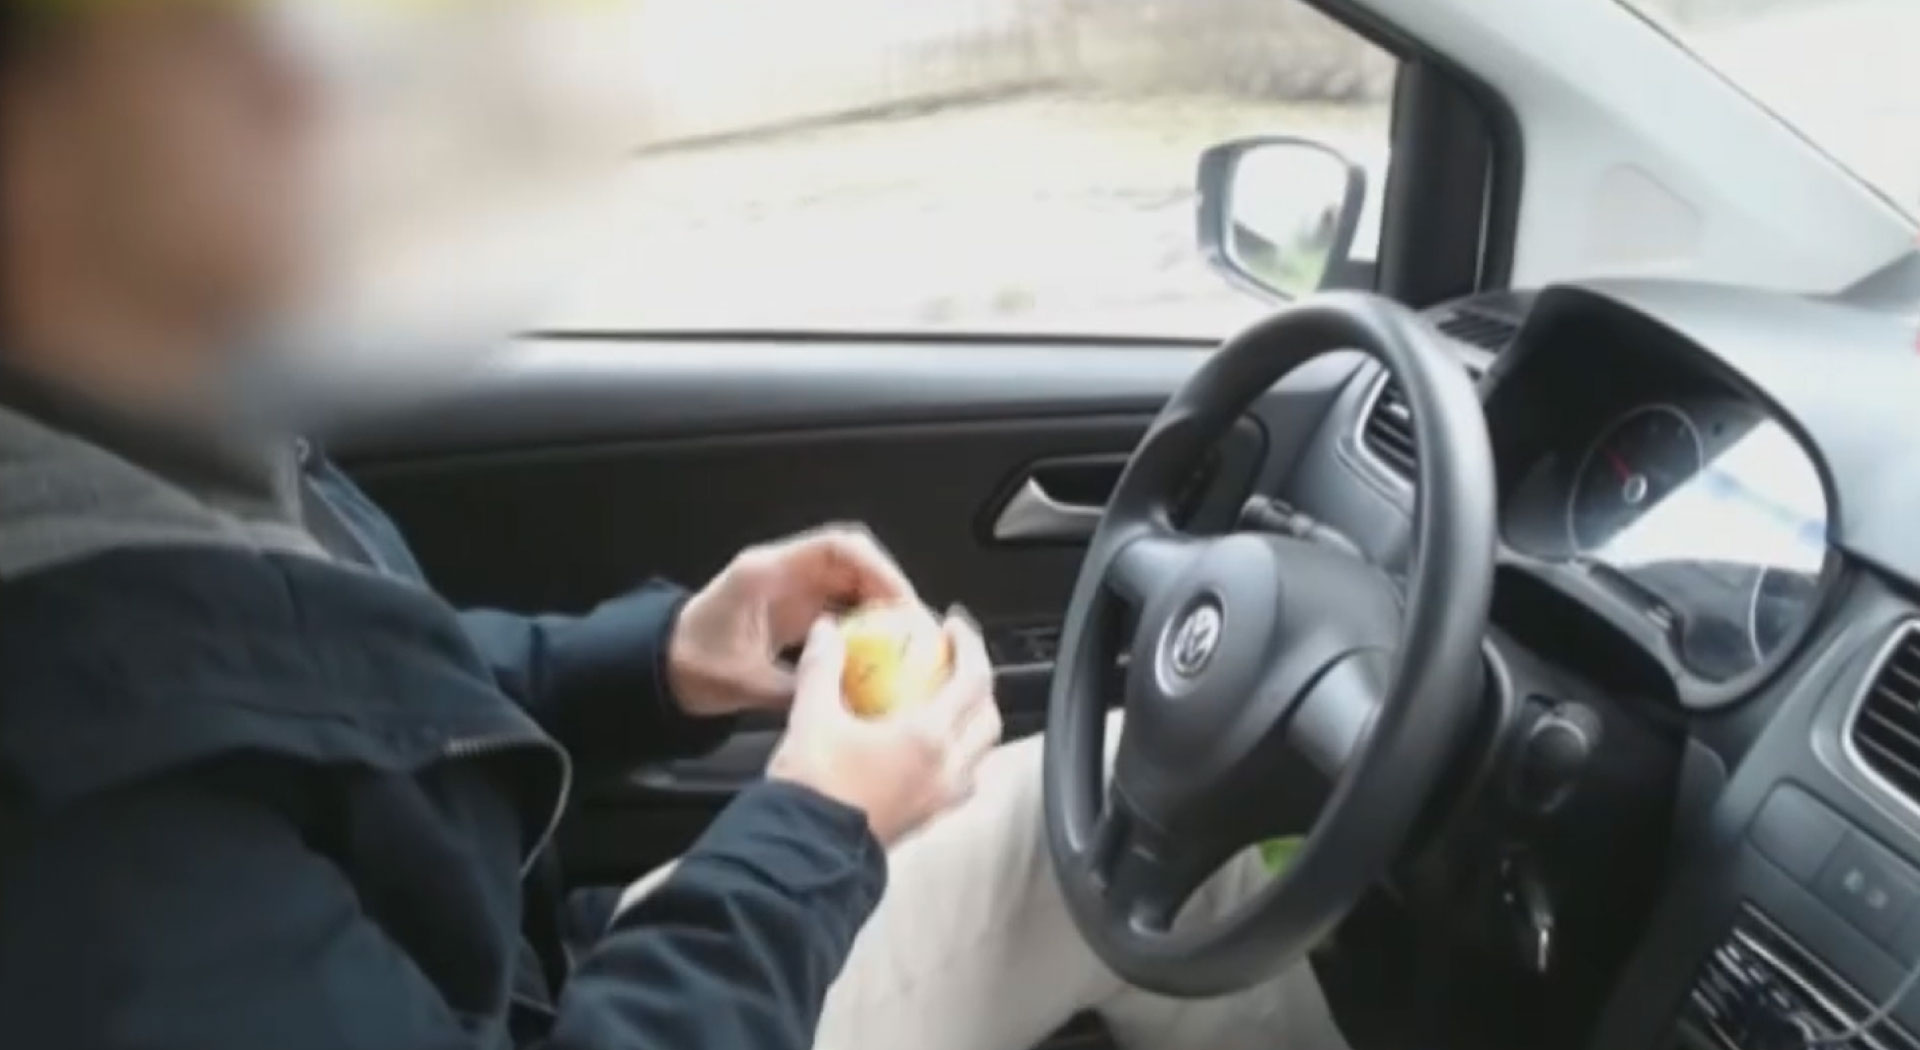 Motoristas são mais prudentes quando não estão sozinhos no carro, diz estudo